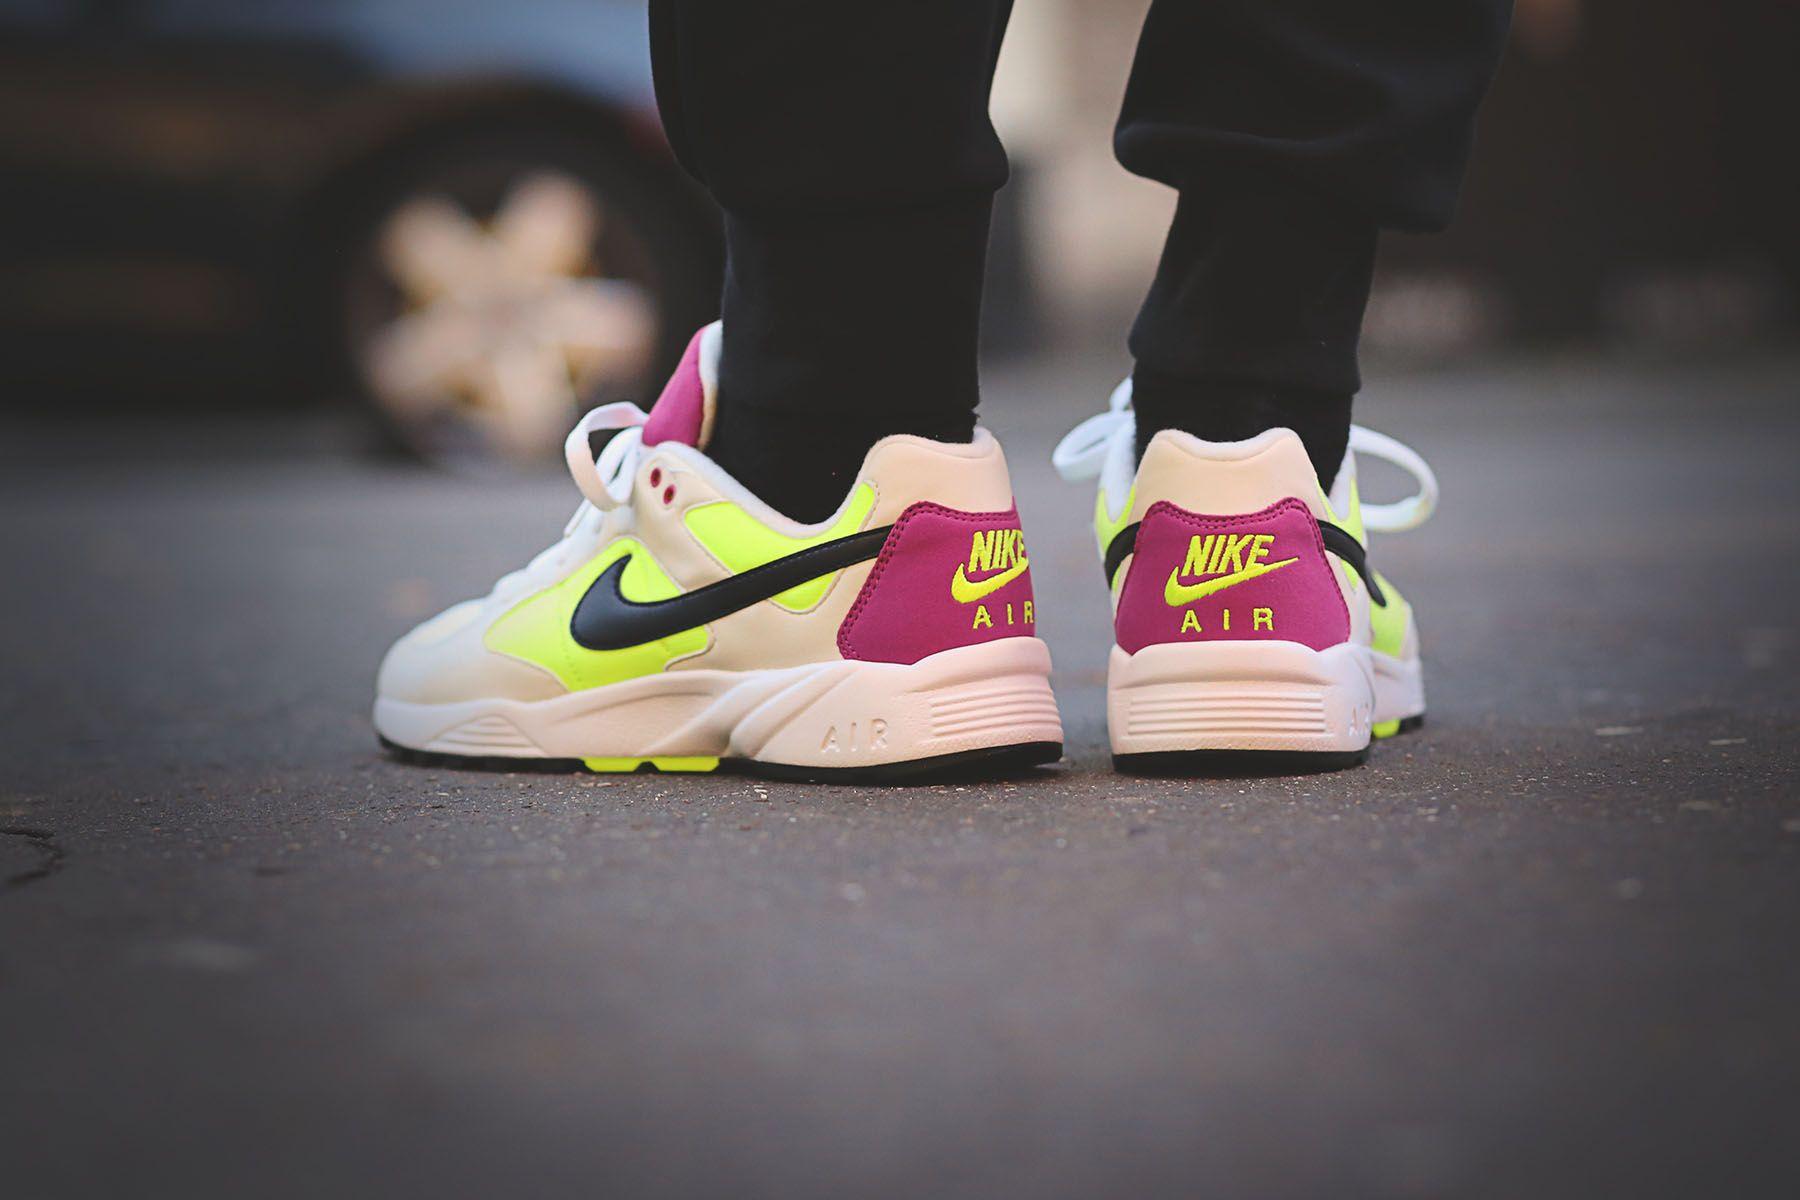 Nike Air Icarus OG | Nike, Nike air, Sneakers